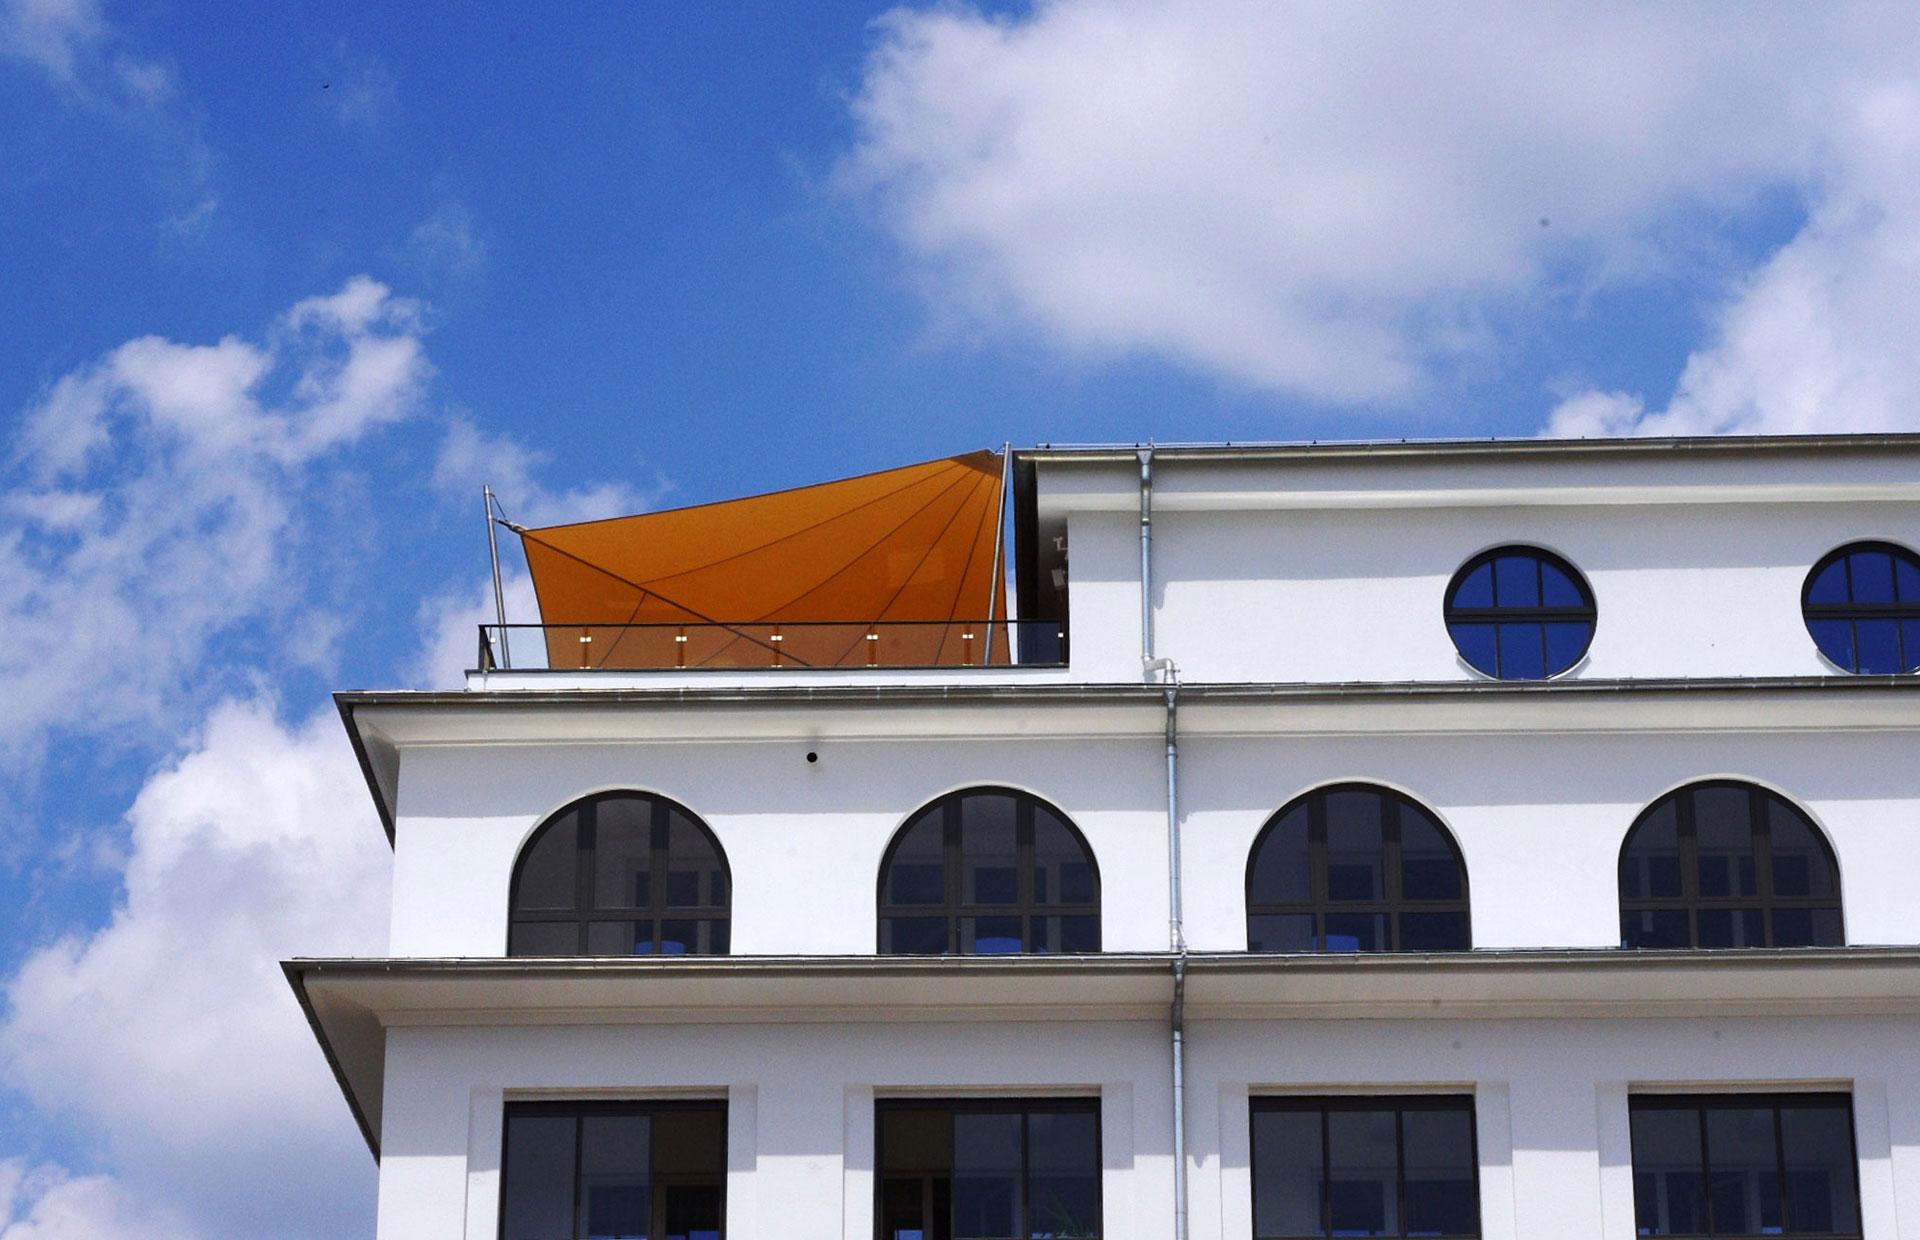 sonnensegel dachterrasse hohmann sonnenschutz. Black Bedroom Furniture Sets. Home Design Ideas